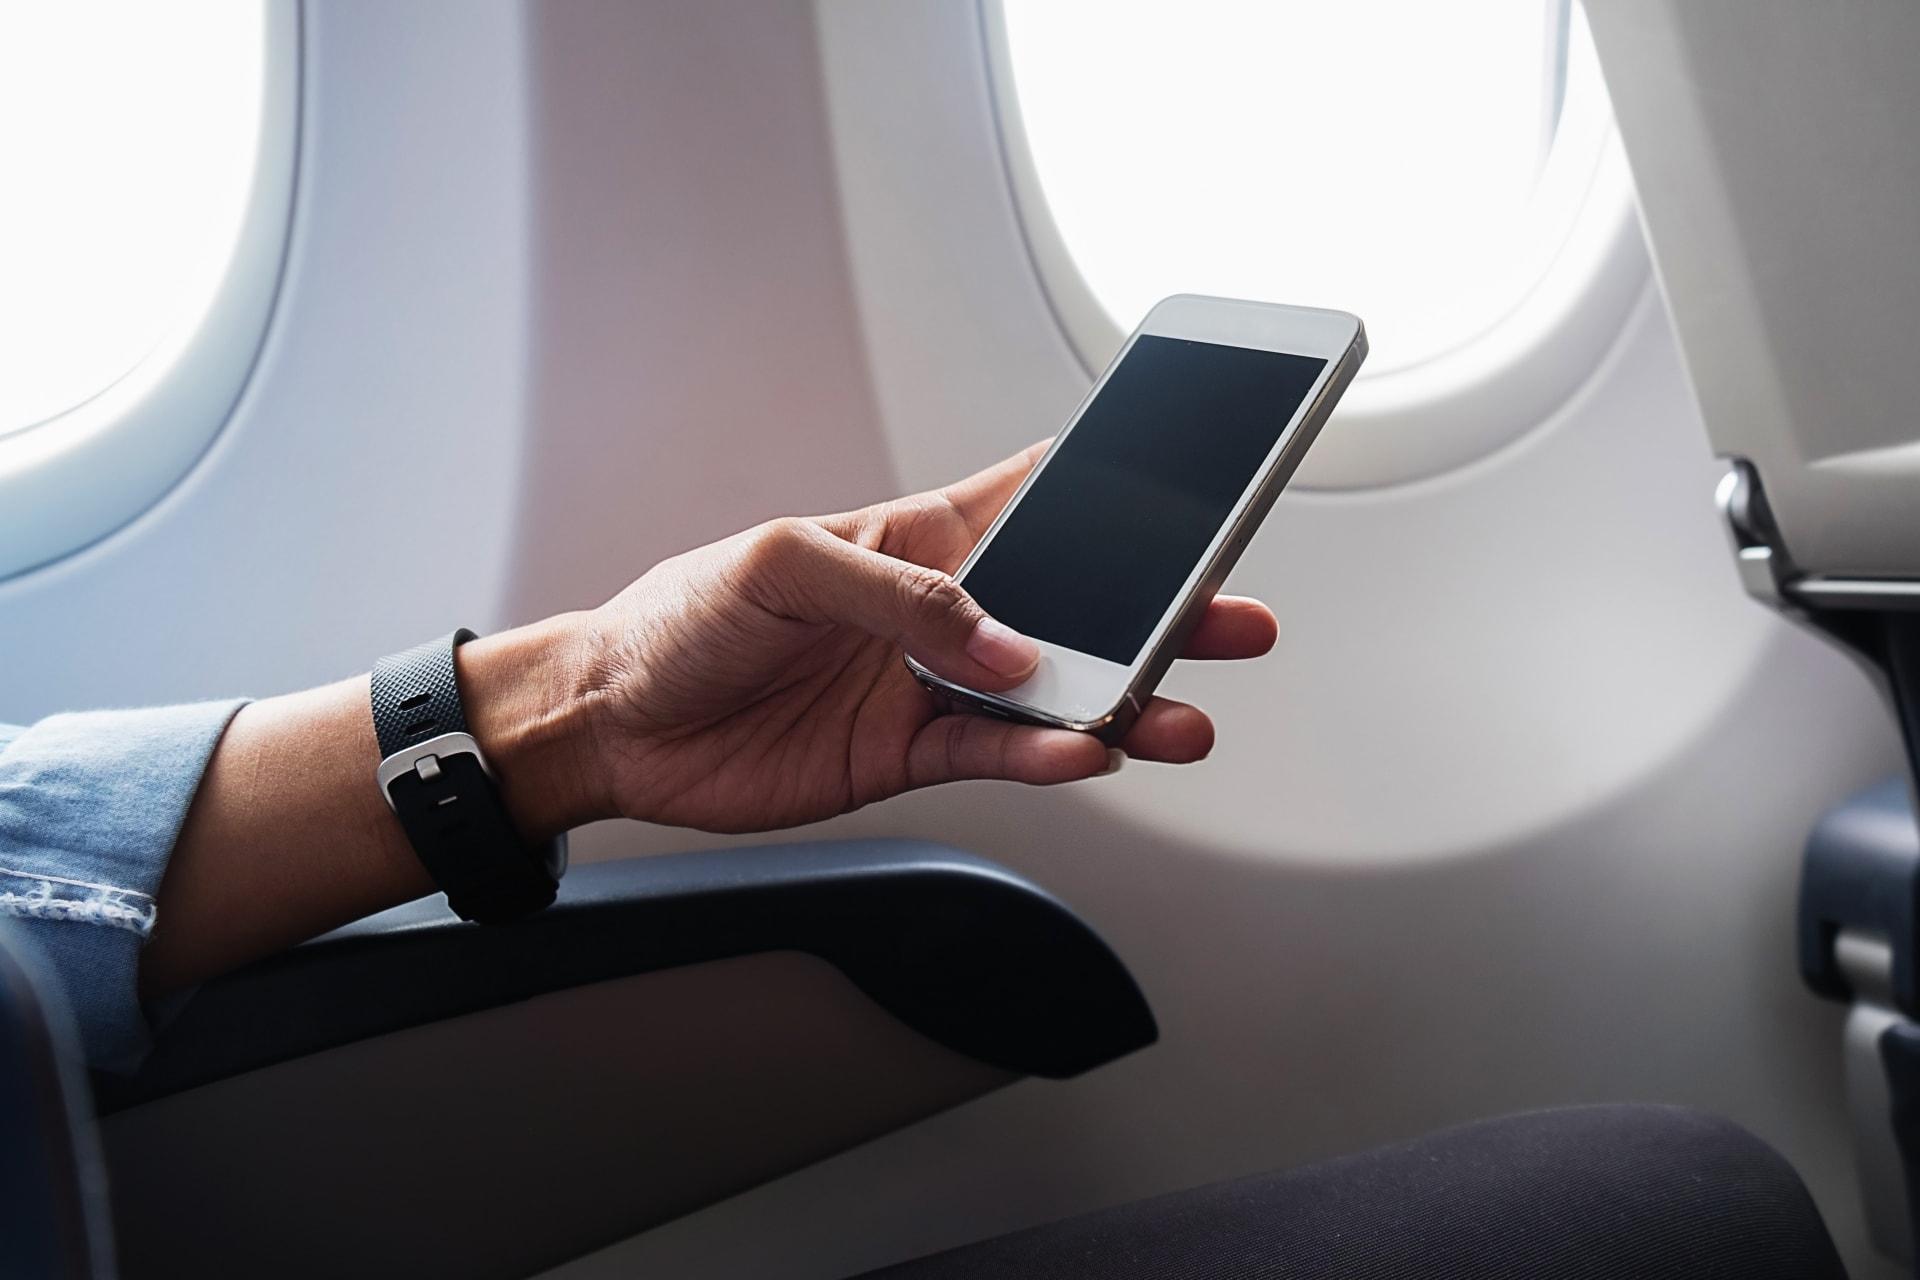 هل لديك الأمنيات ذاتها؟ 9 أشياء سوف تجعل السفر عن طريق الطائرة تجربة أفضل